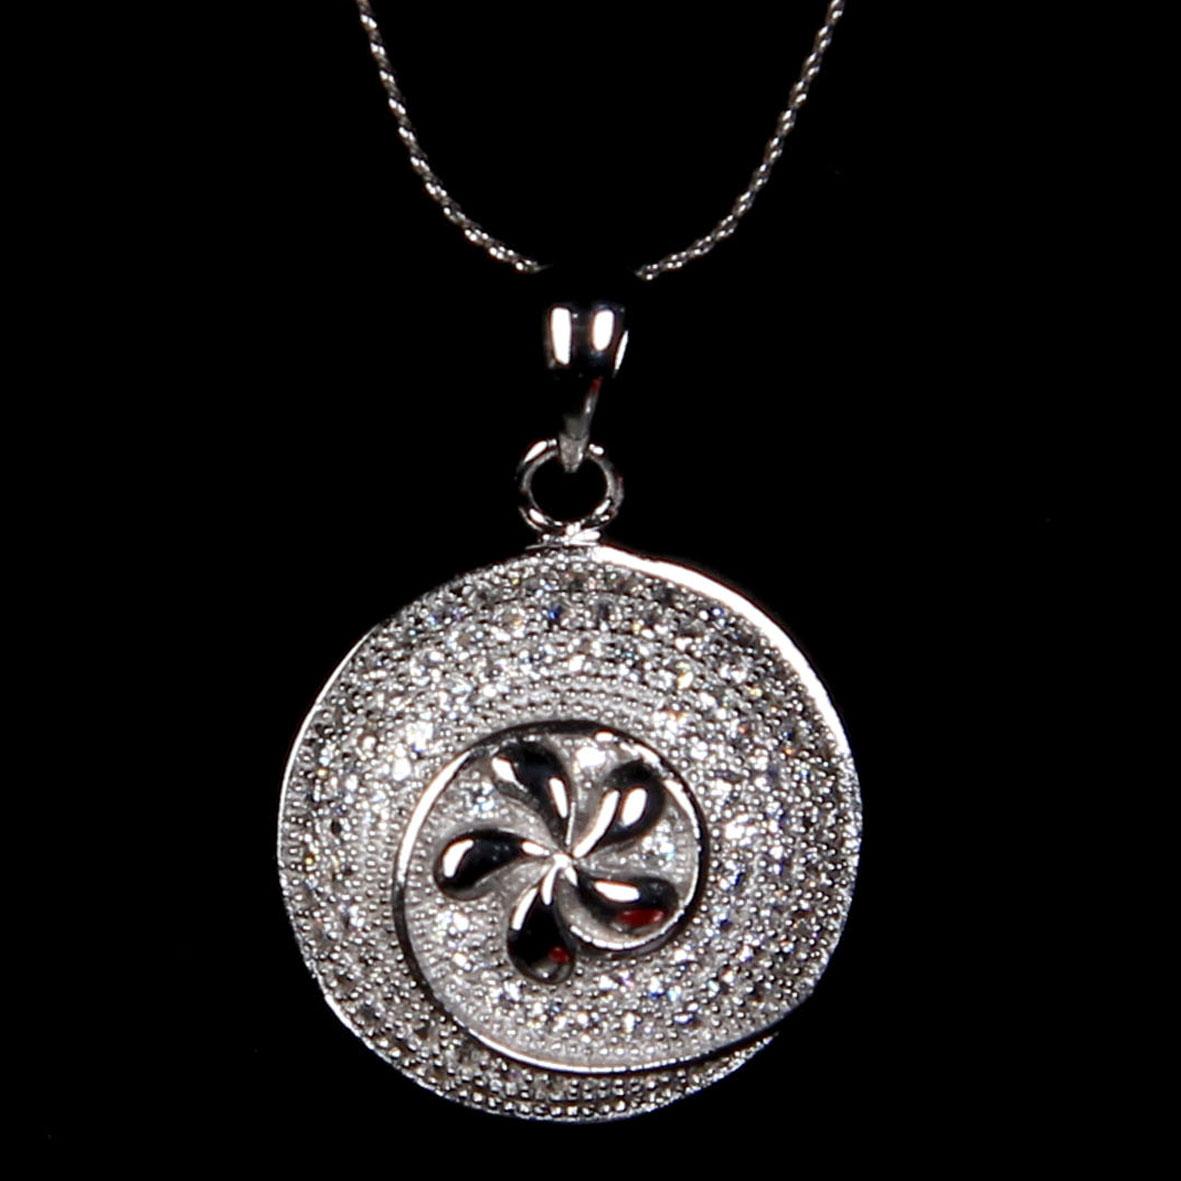 جواهرات -نقره-نکات-خرید-اصول (8)